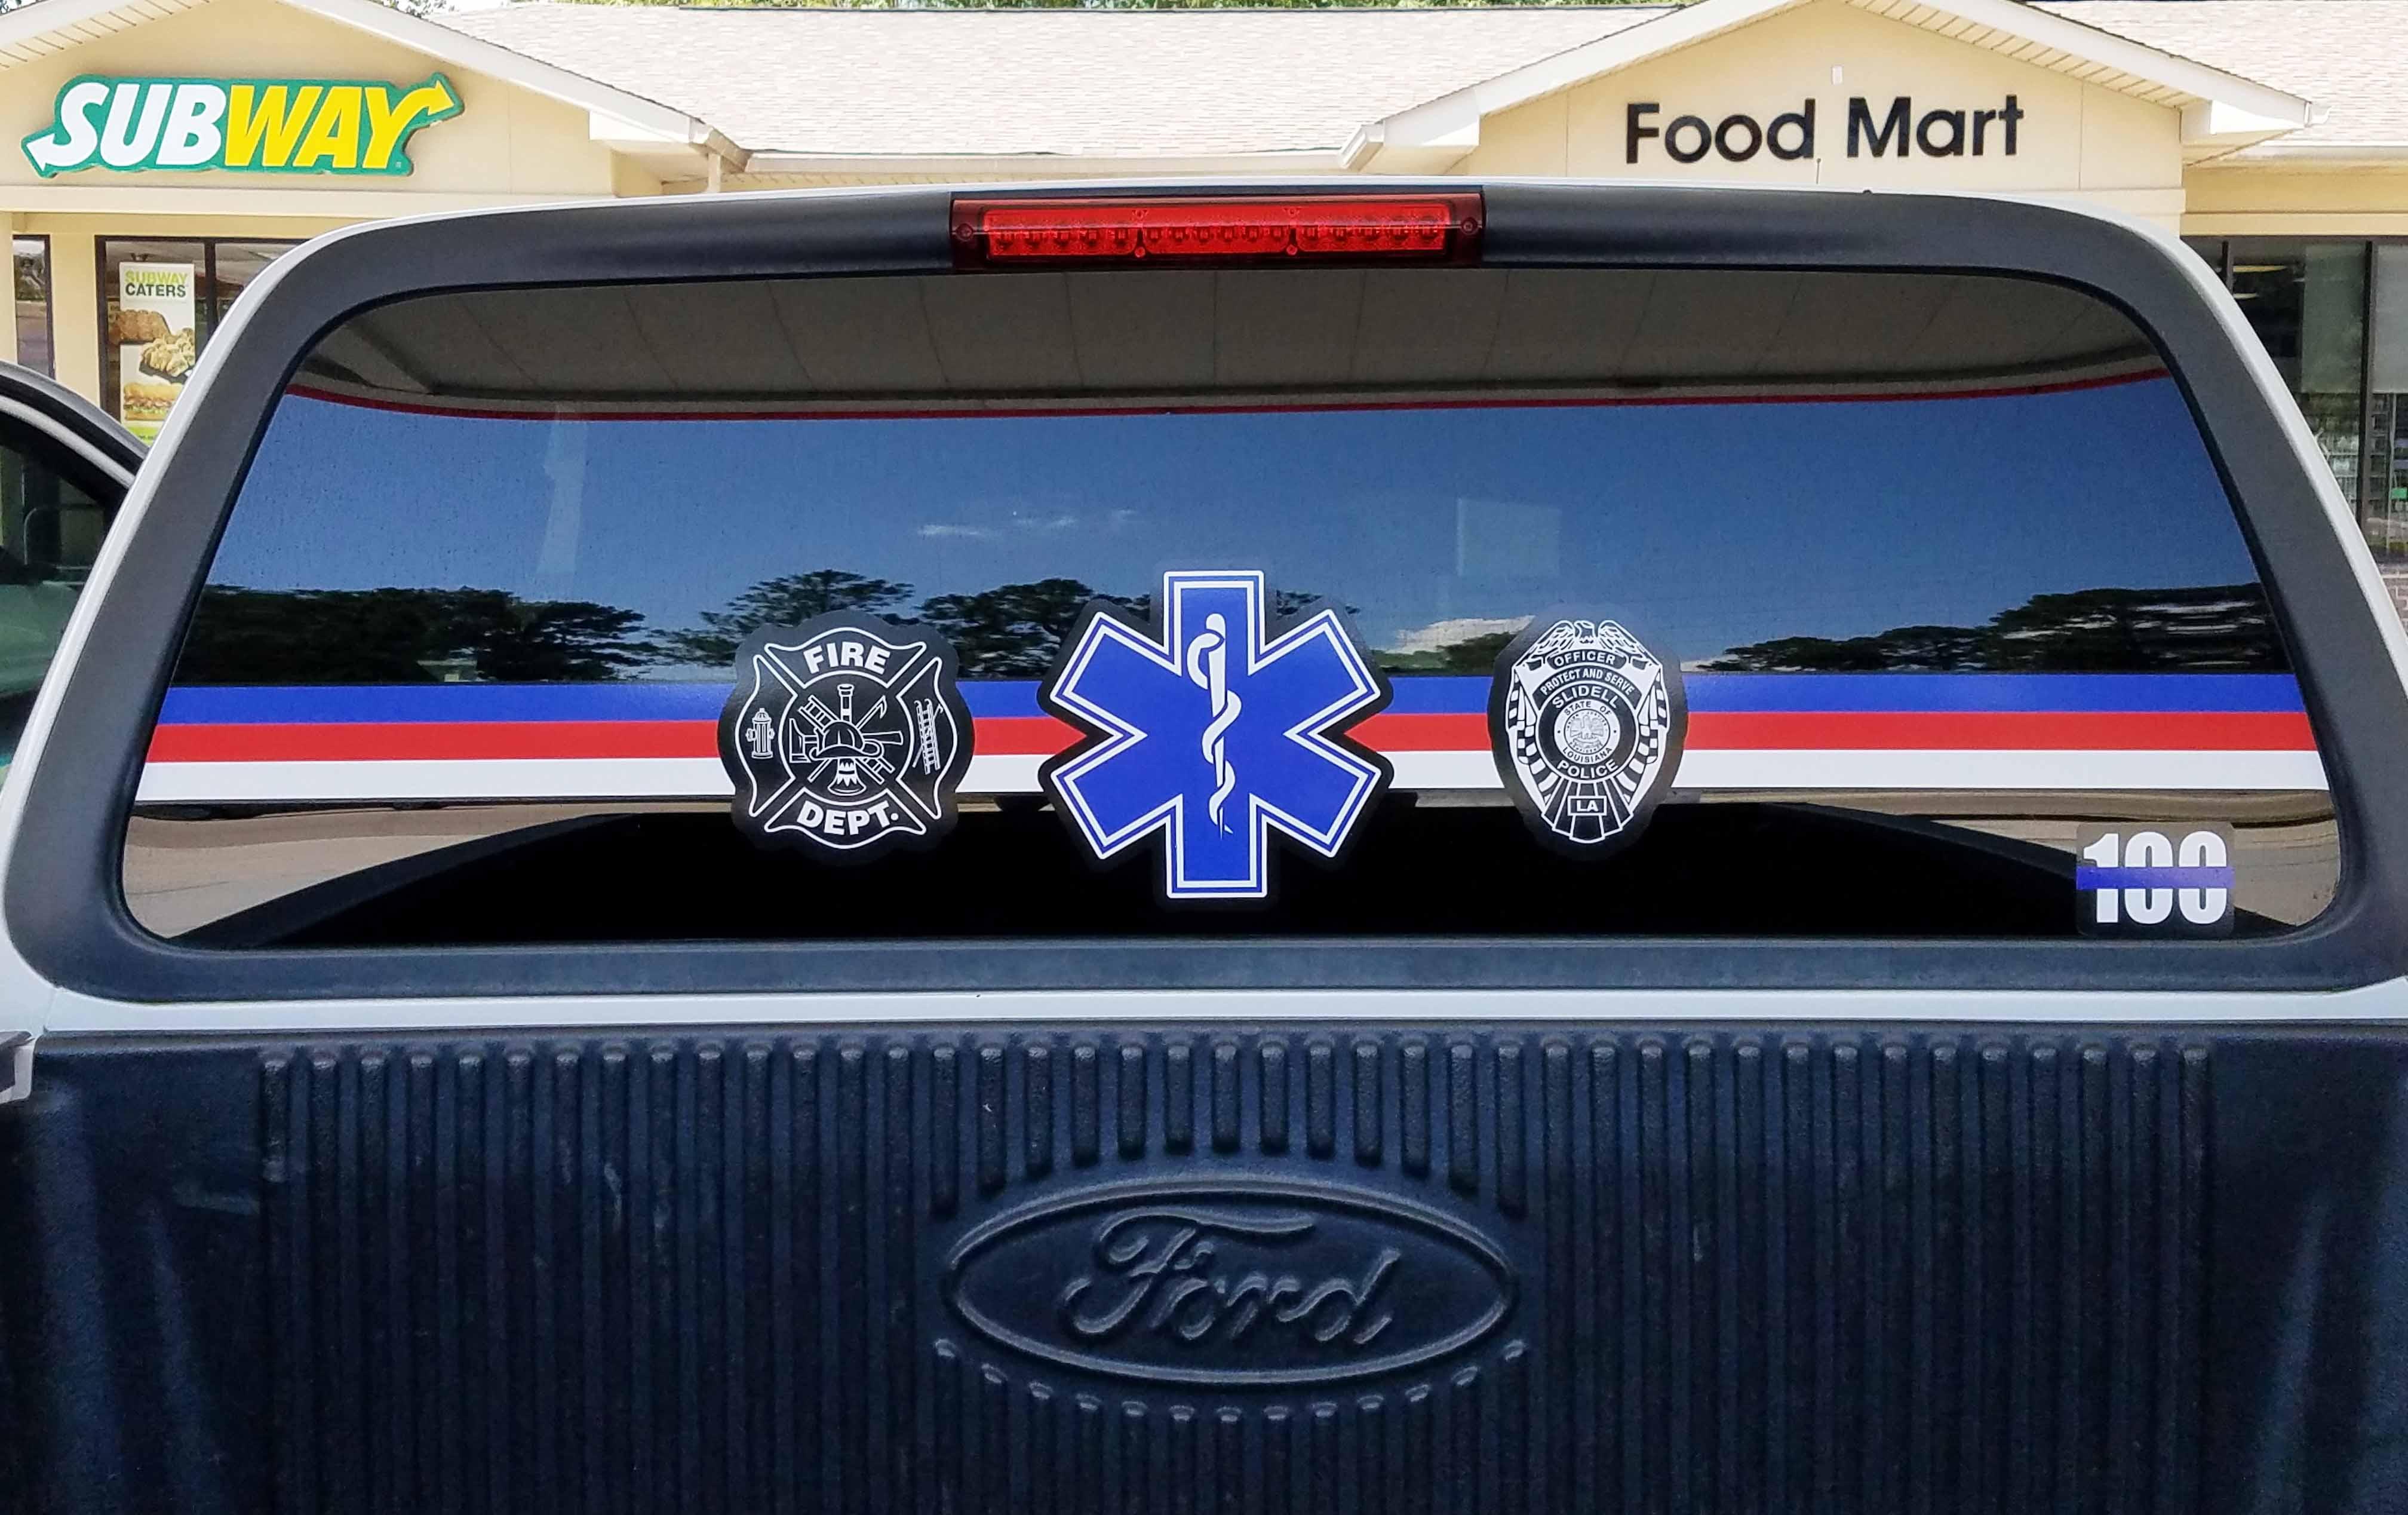 Truck glass lettering